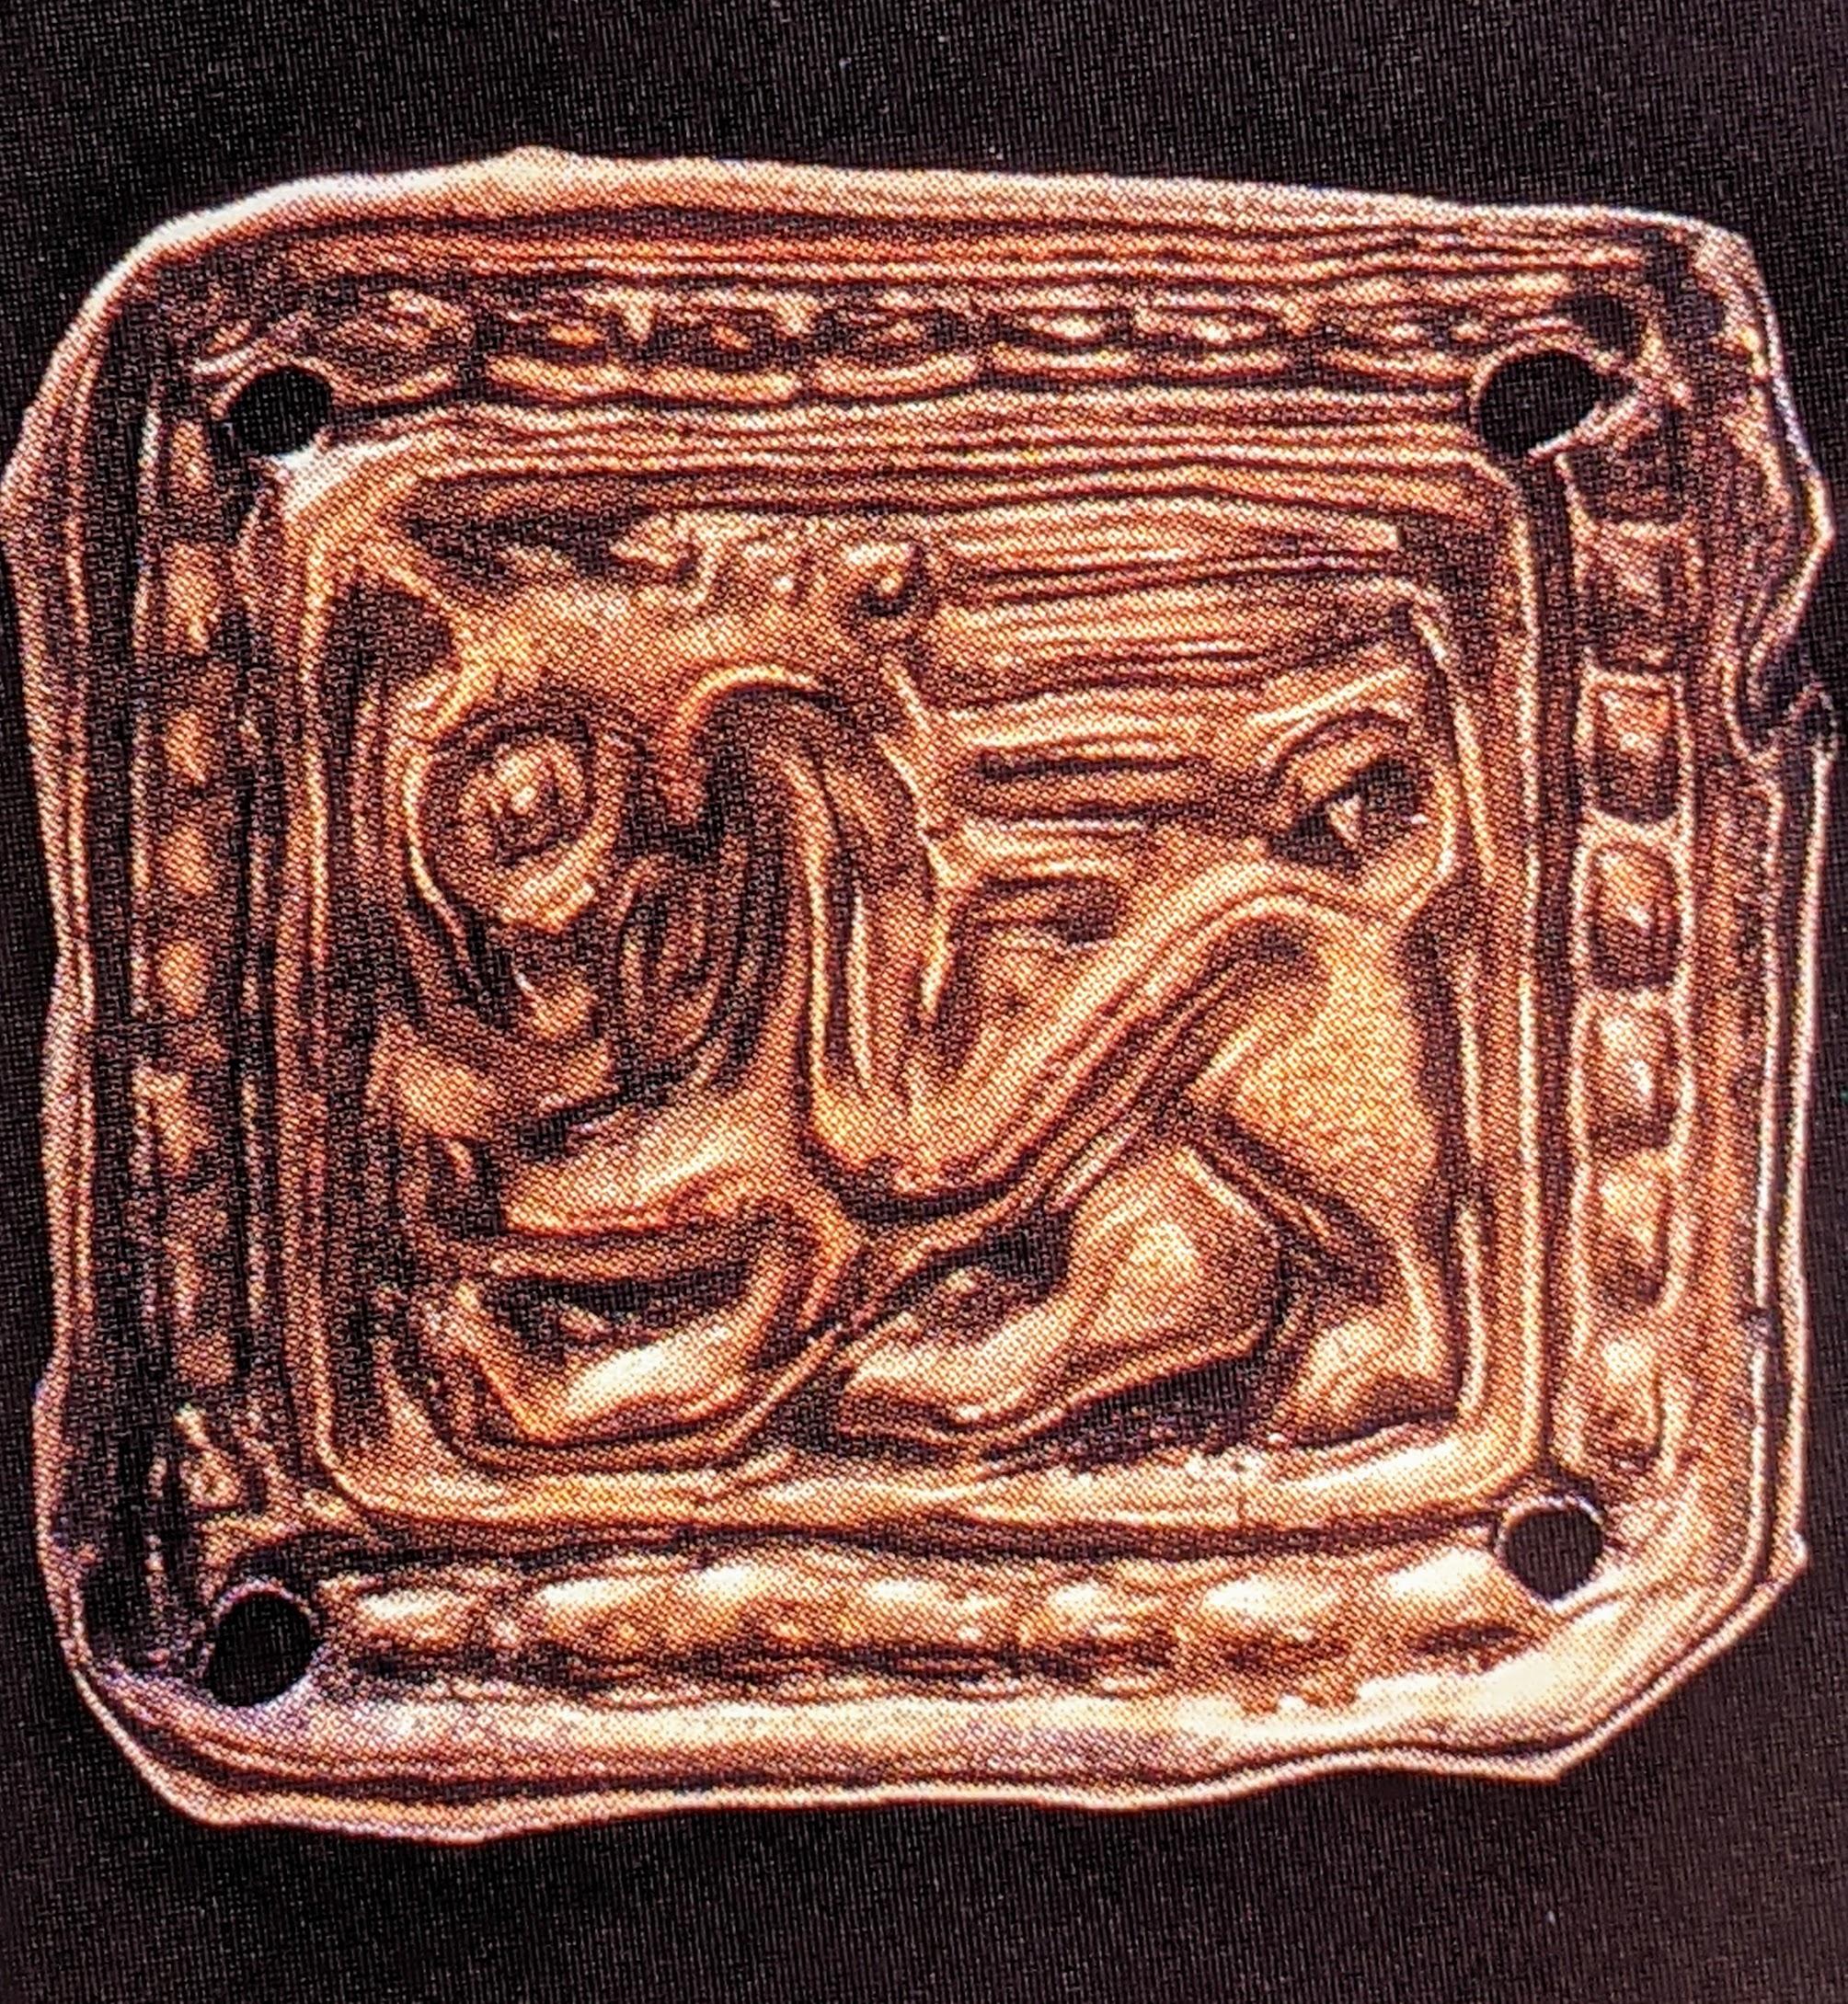 Griffin gold applique plaque